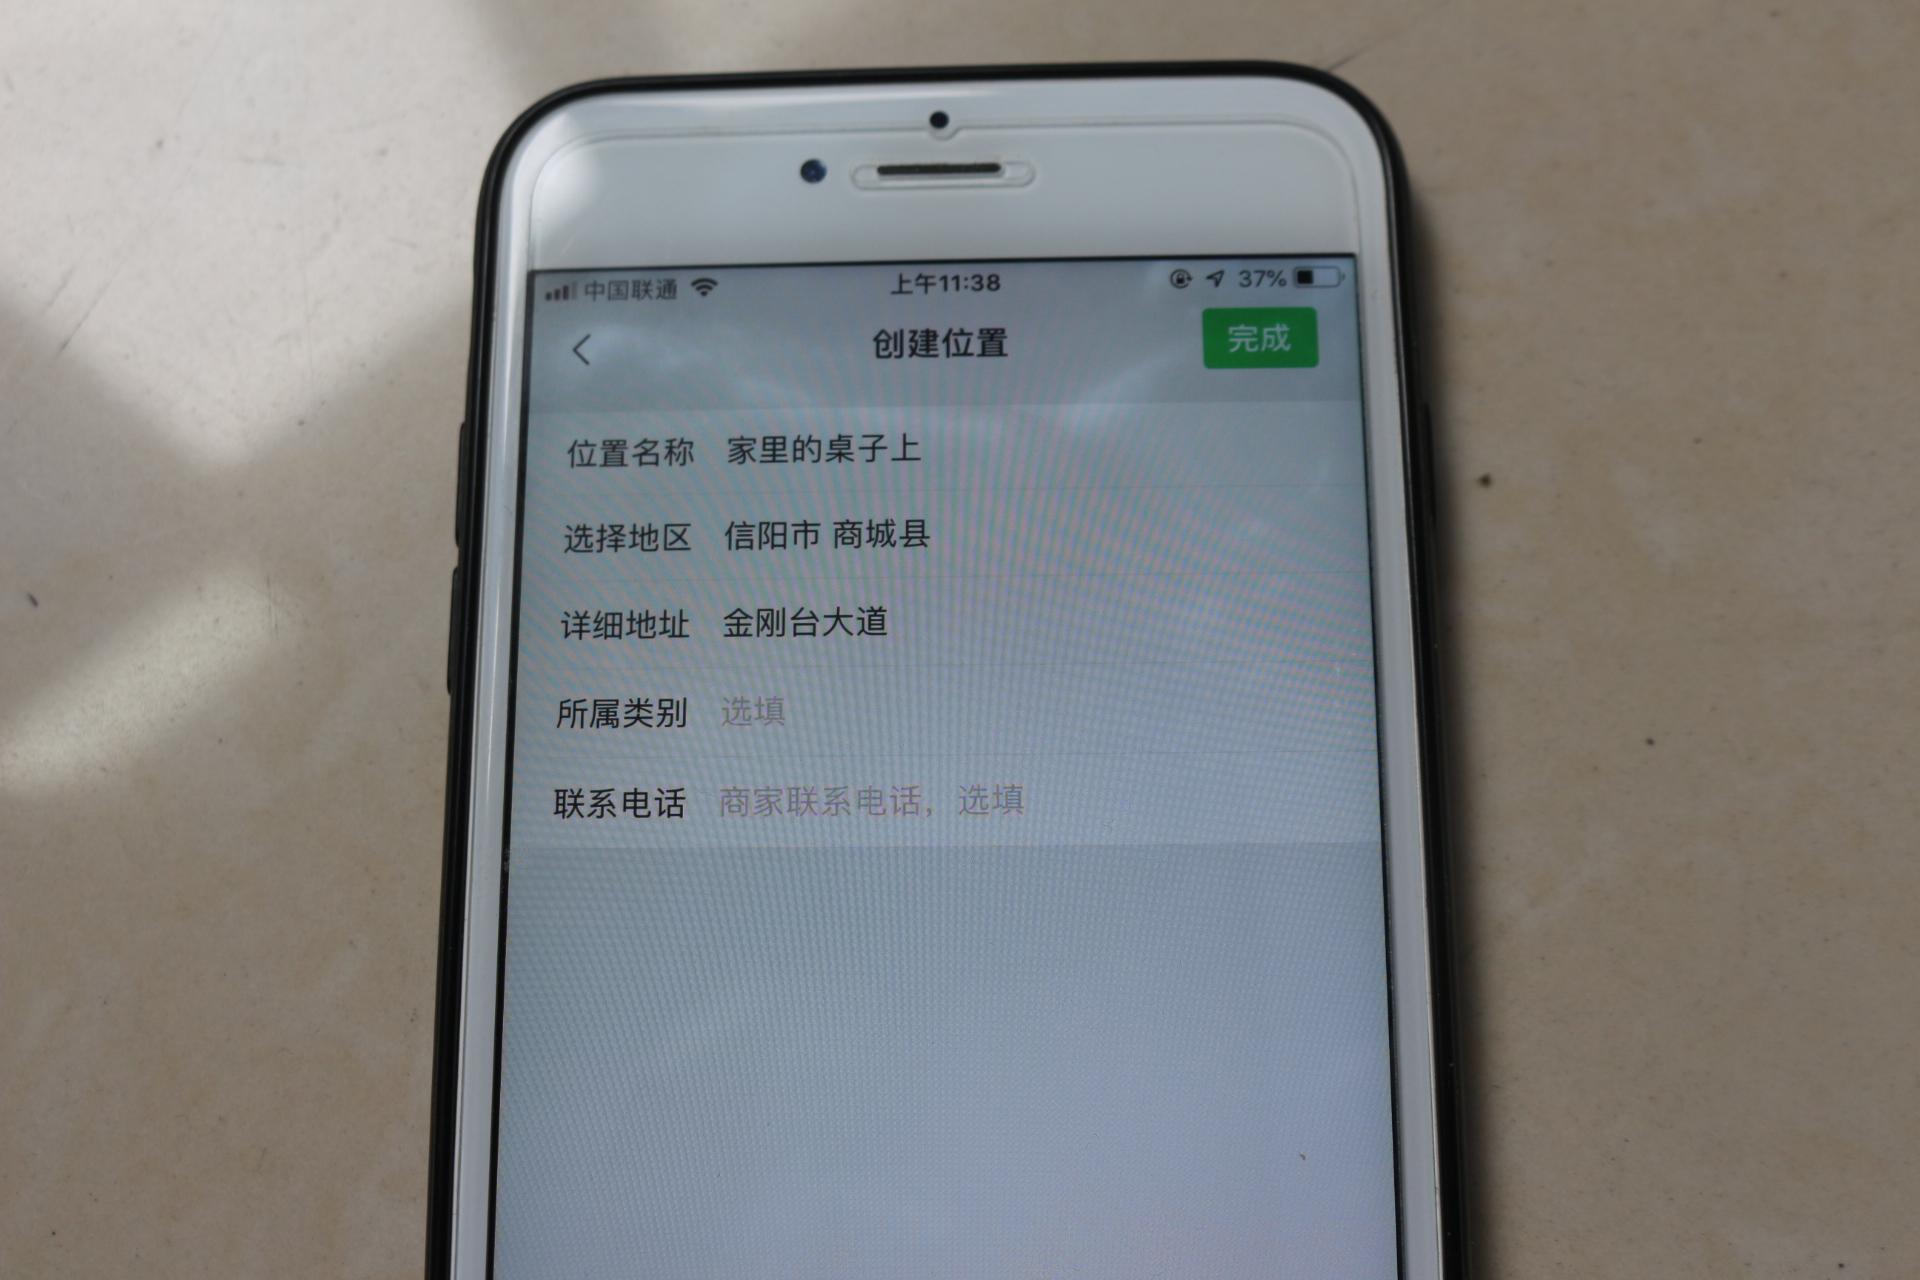 手机微信偷偷定位如何(怎么悄悄的查对方位置)